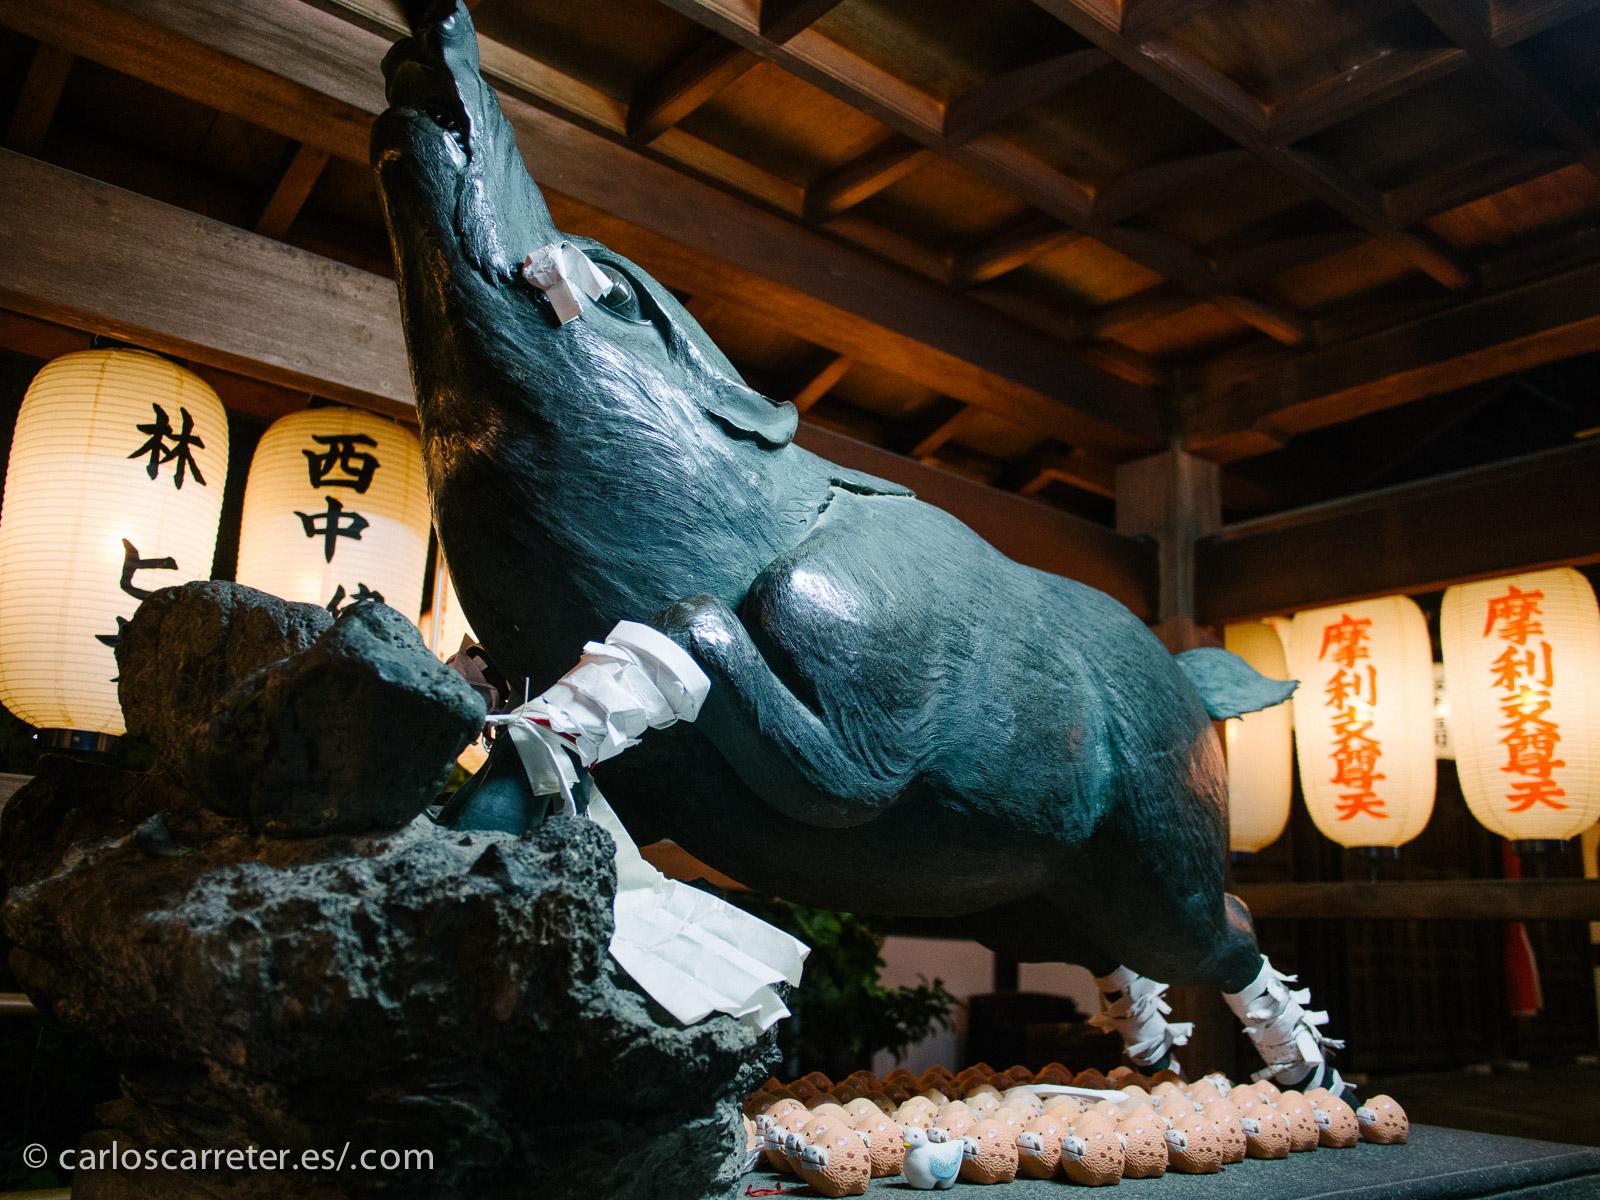 Las mitologías budistas y sintoistas en el fondo de muchos de los relatos de Akutagawa, así como los animales míticos de las mismas.